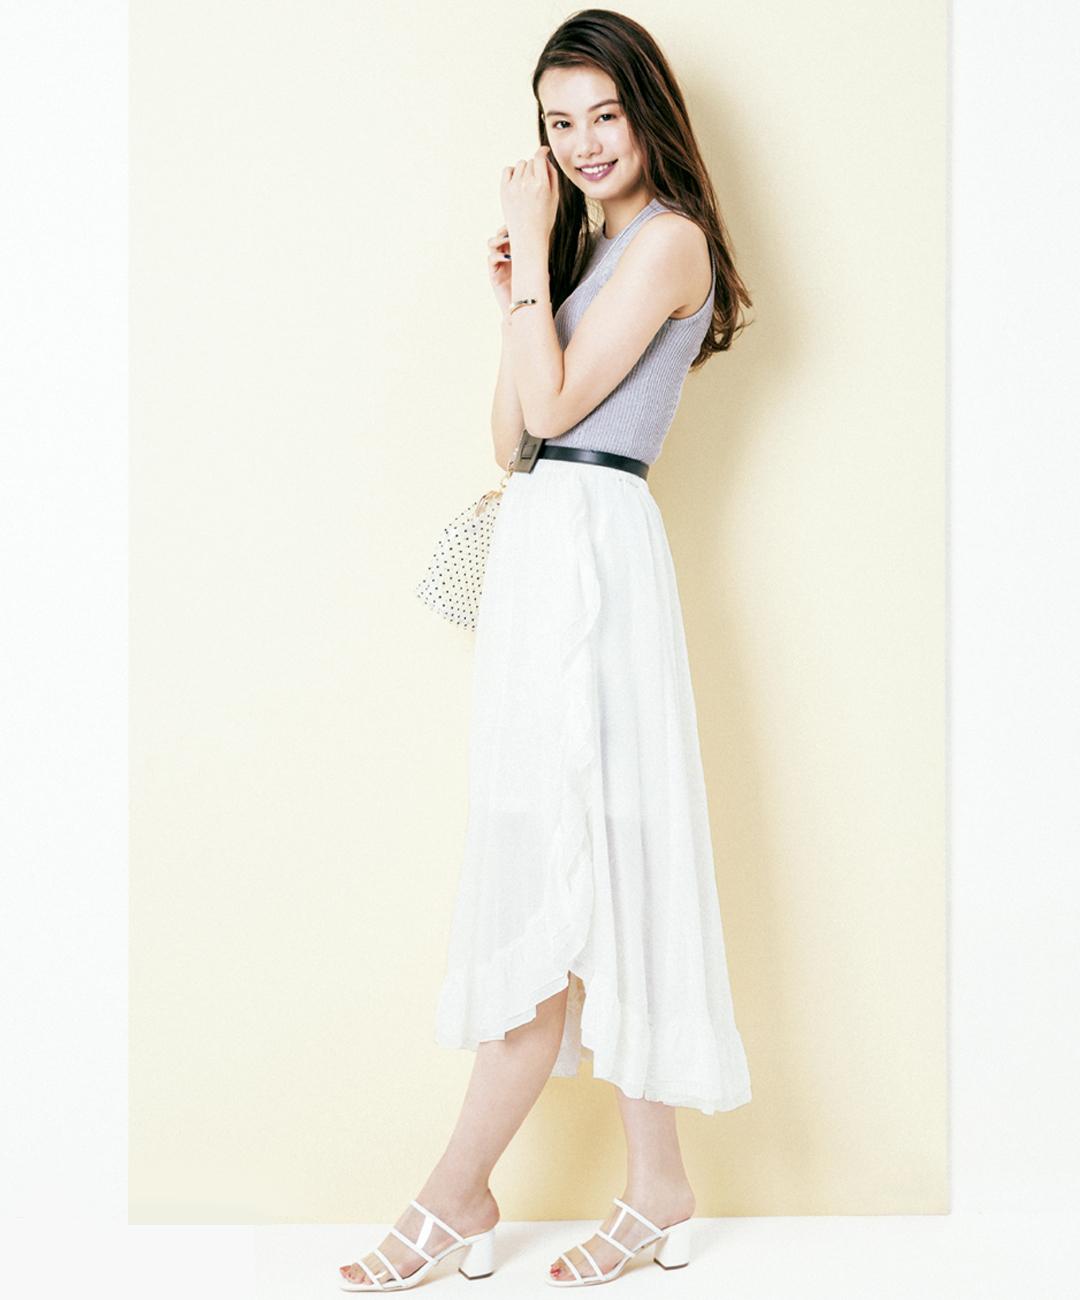 【夏のロングスカートコーデ】泉はるは、甘めペタルスカートで脚長効果を演出!